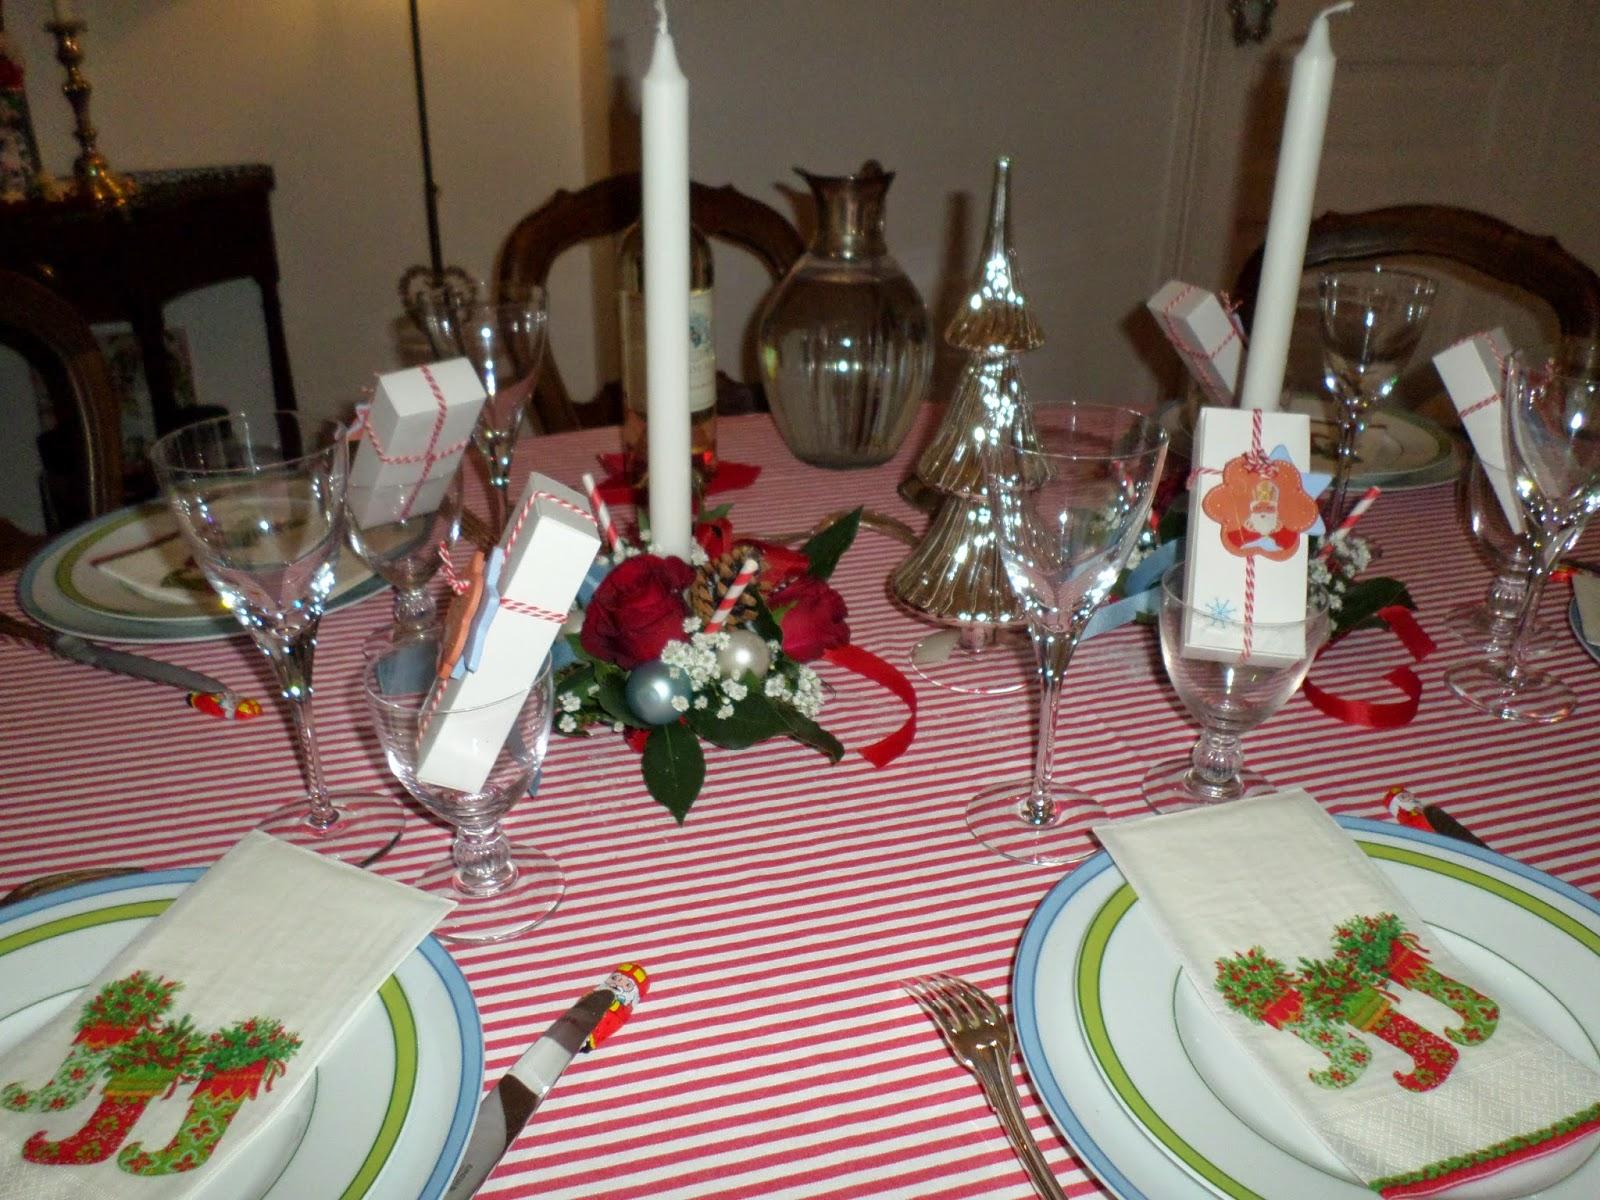 #9D2E3A Bleu Rouge Et Vert : Une Table De St Nicolas Aux Couleurs  6183 decoration de table de noel en rouge et vert 1600x1200 px @ aertt.com